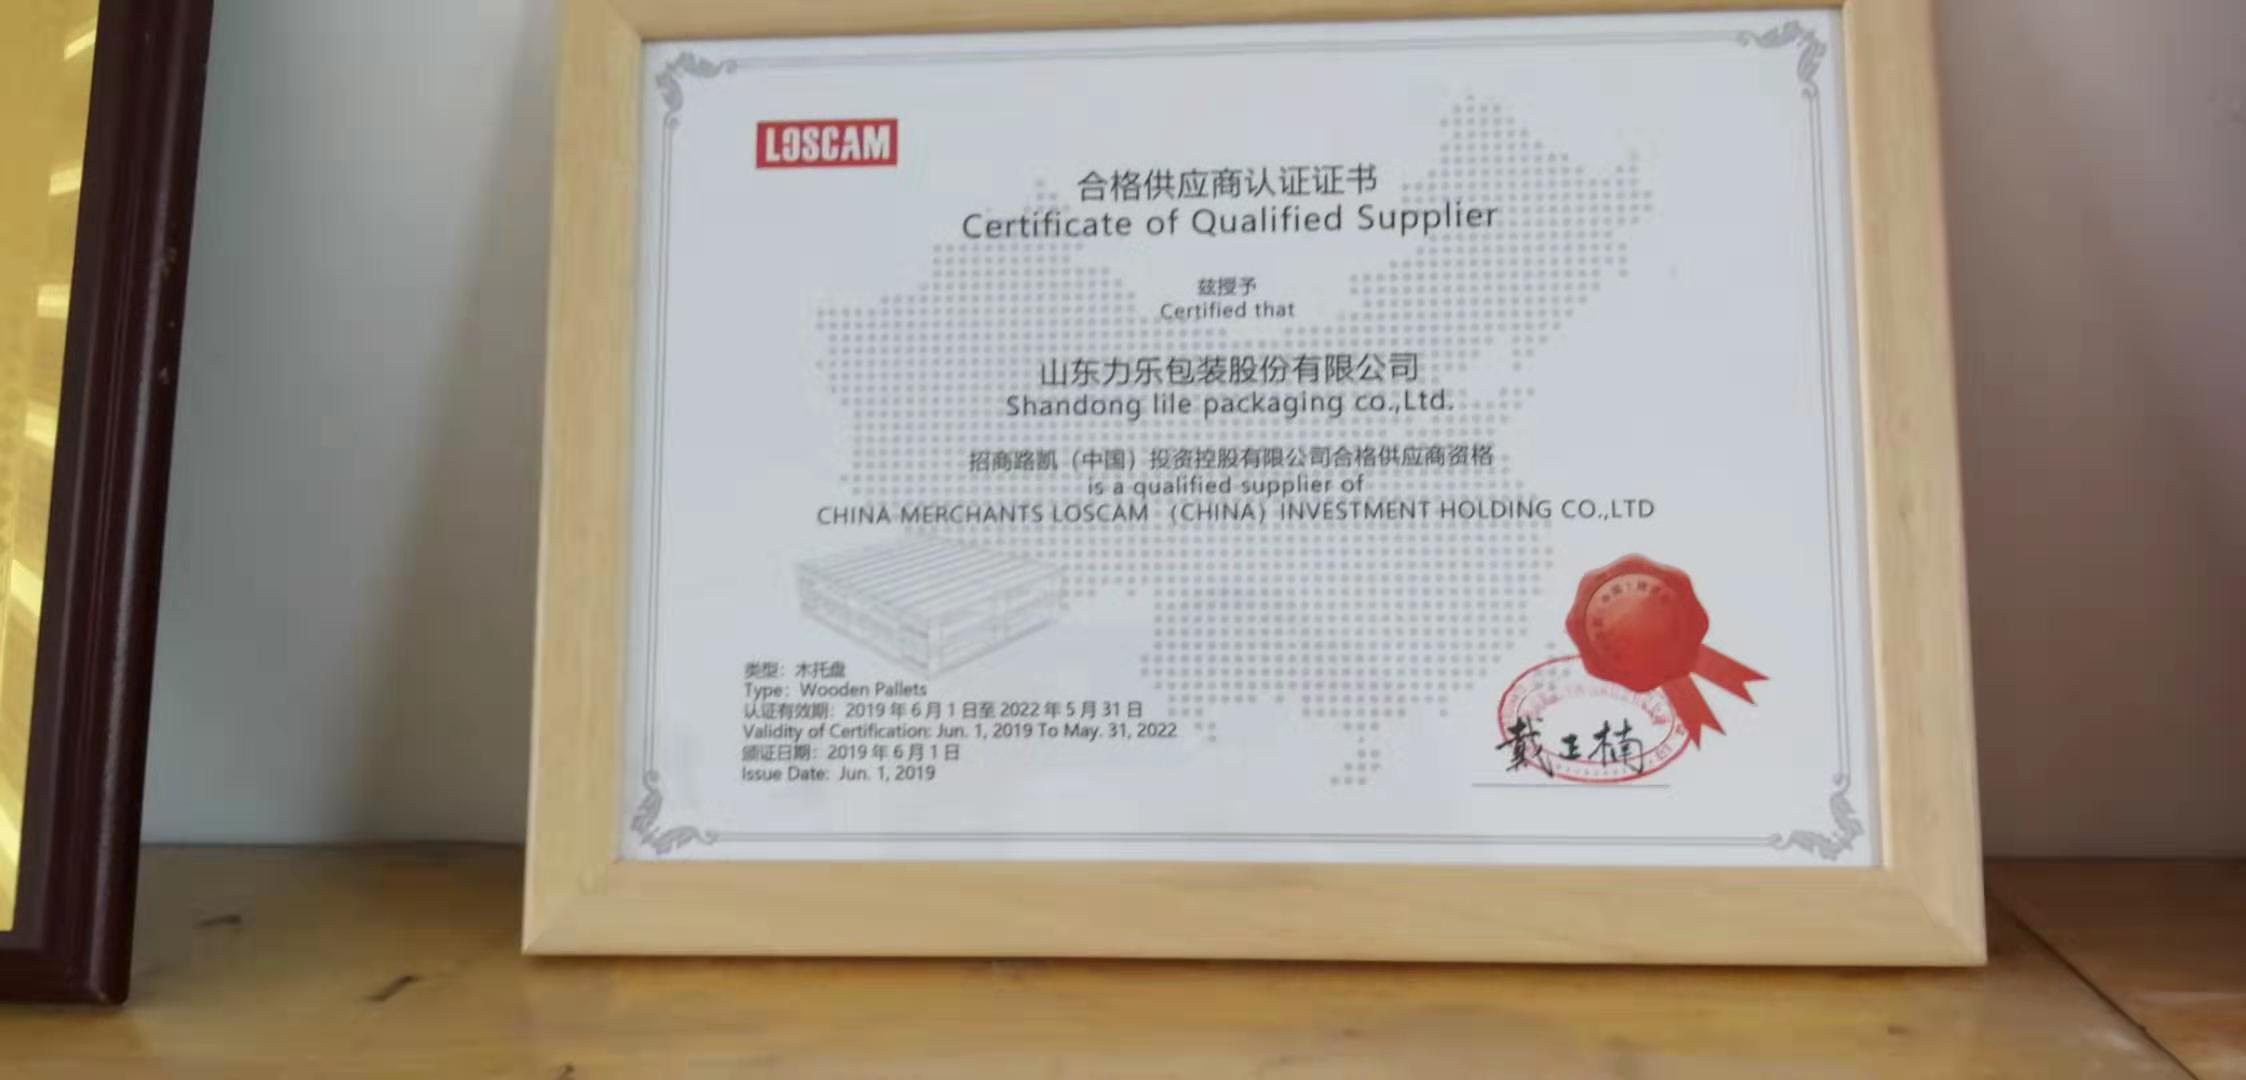 合格供应商认证证书